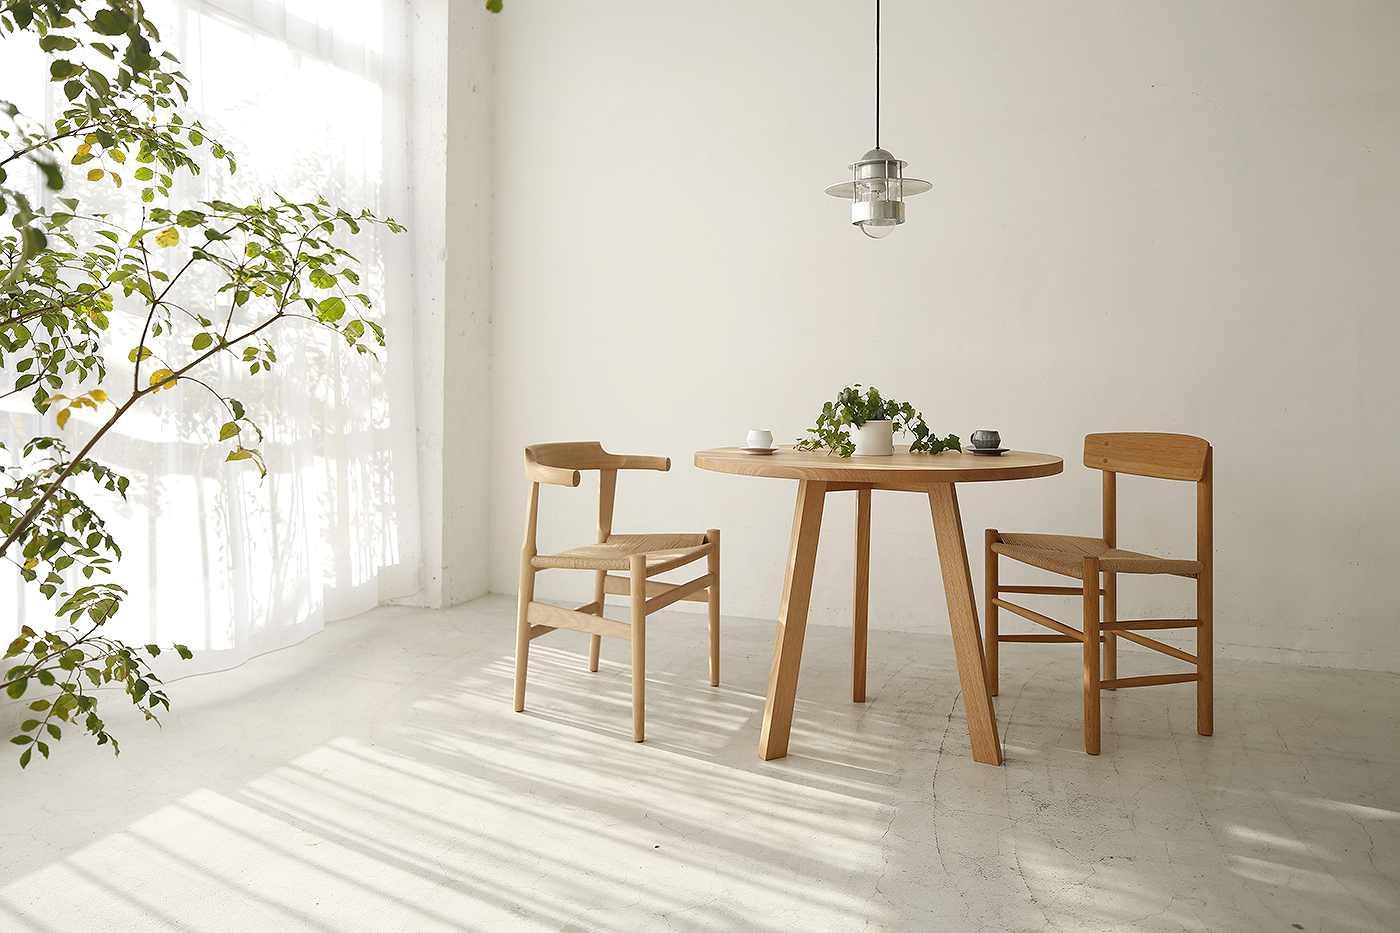 気になるコーディネートシーン画像(北欧ダイニング366|svale furniture(スヴェイルファニチャー))